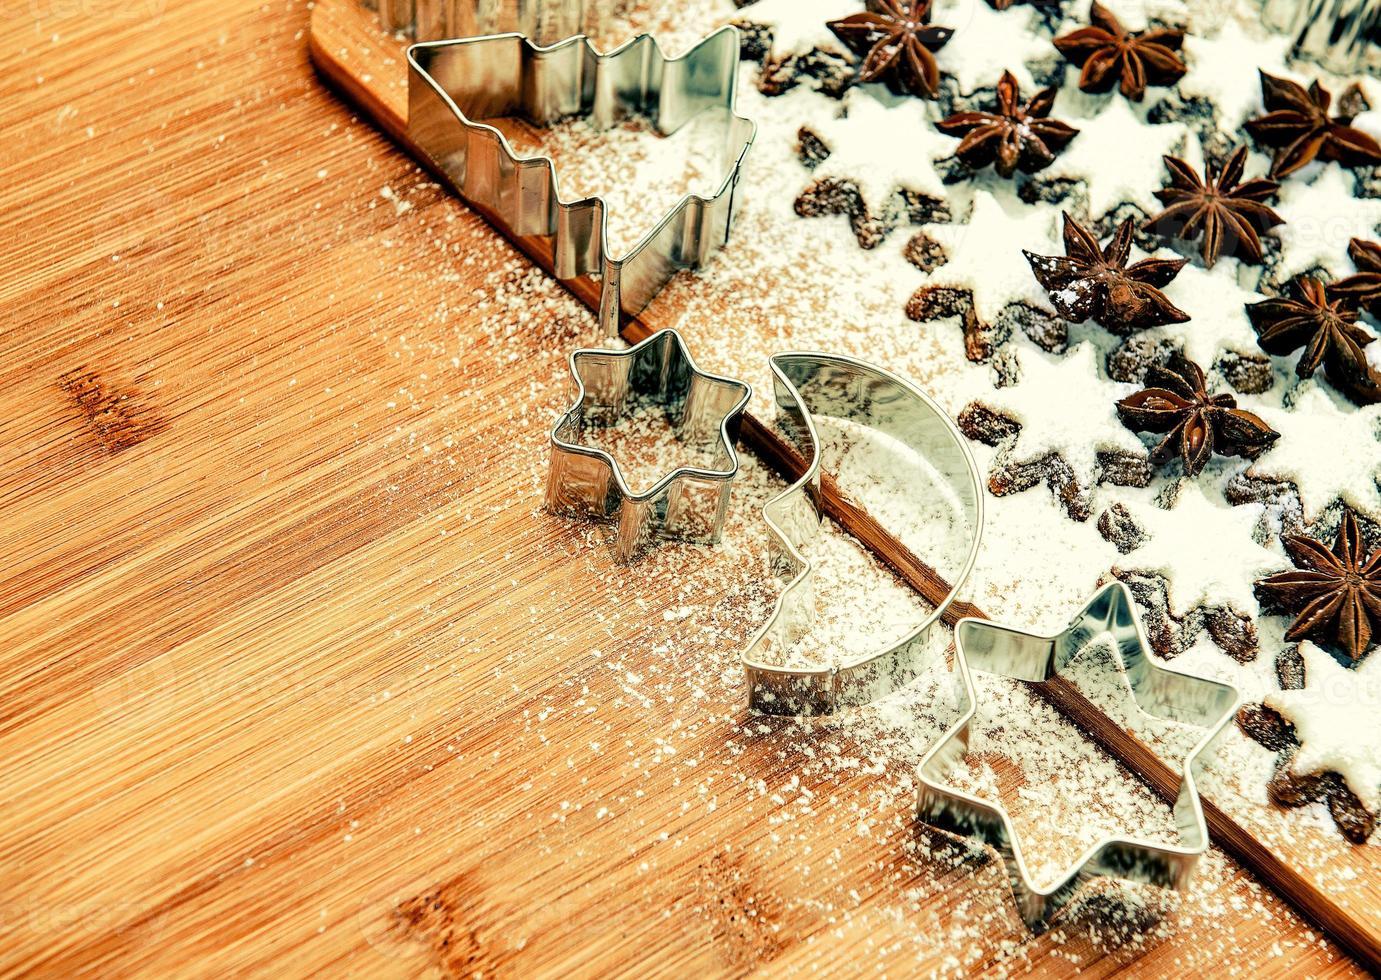 formine per biscotti e stelle alla cannella. immagine tonica stile vintage foto